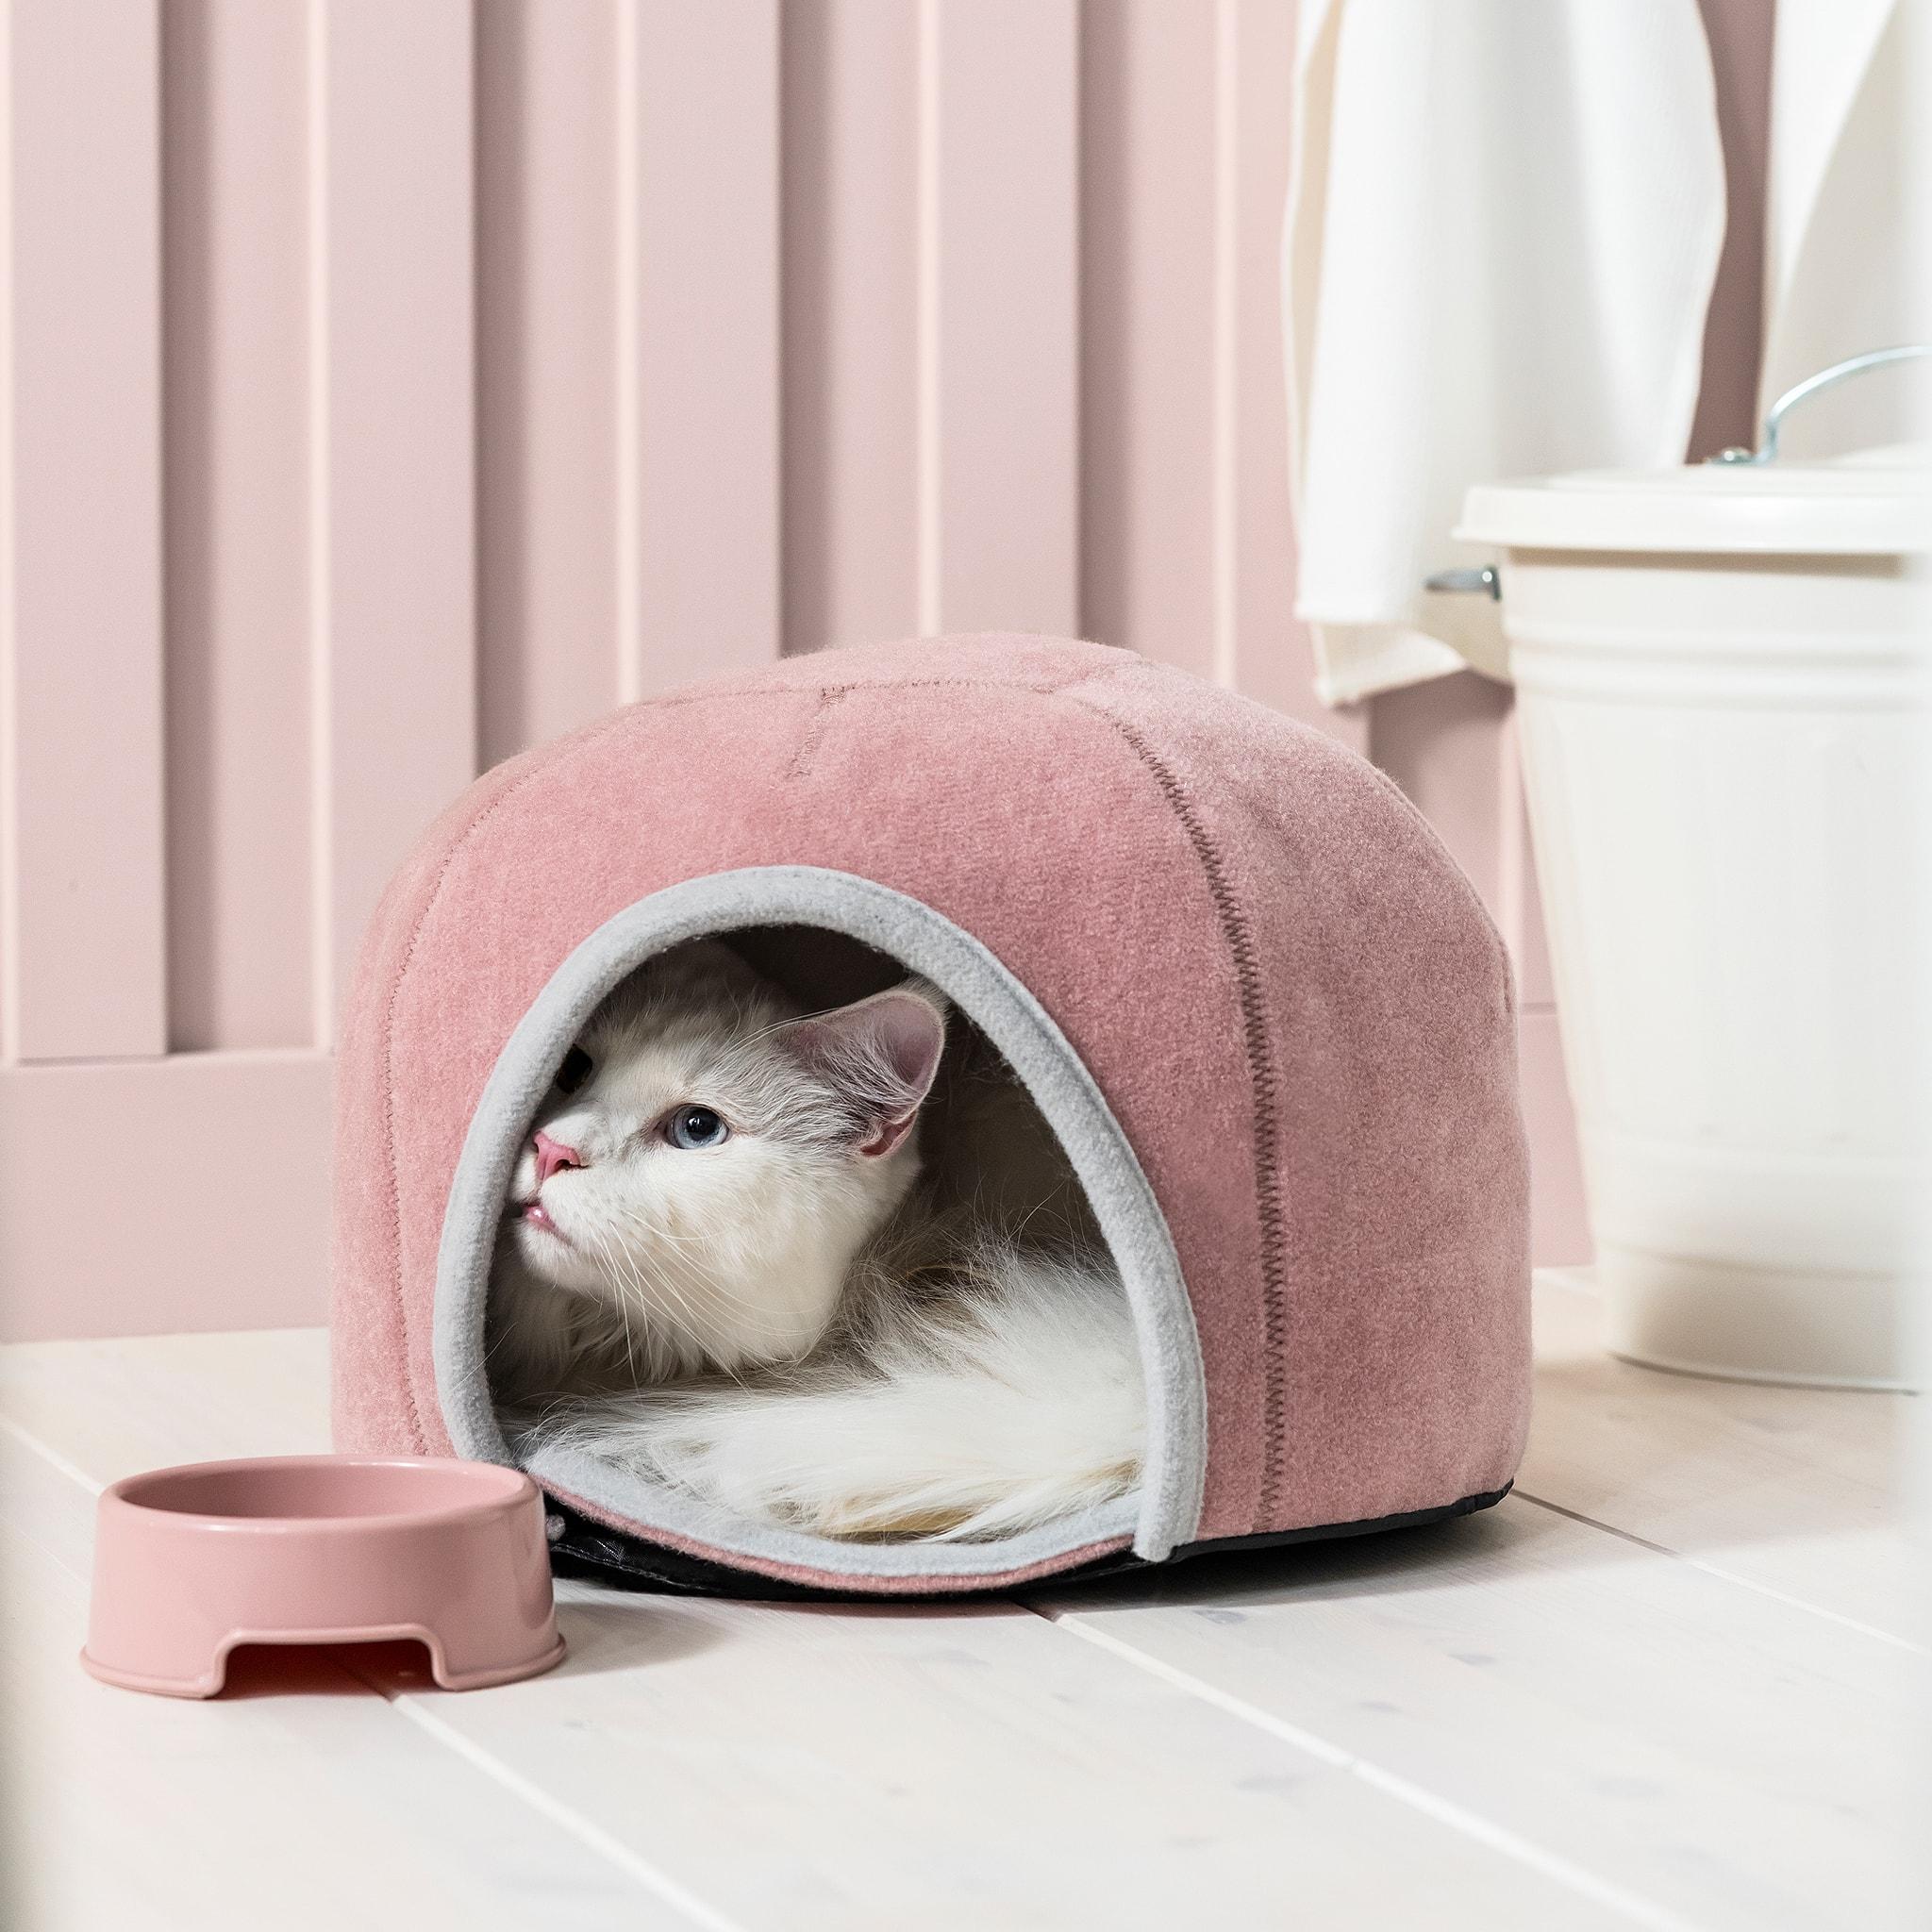 一隻貓從坐墊般的軟布圓頂貓屋中探頭而出,入口旁有一個顏色相襯的寵物碗。